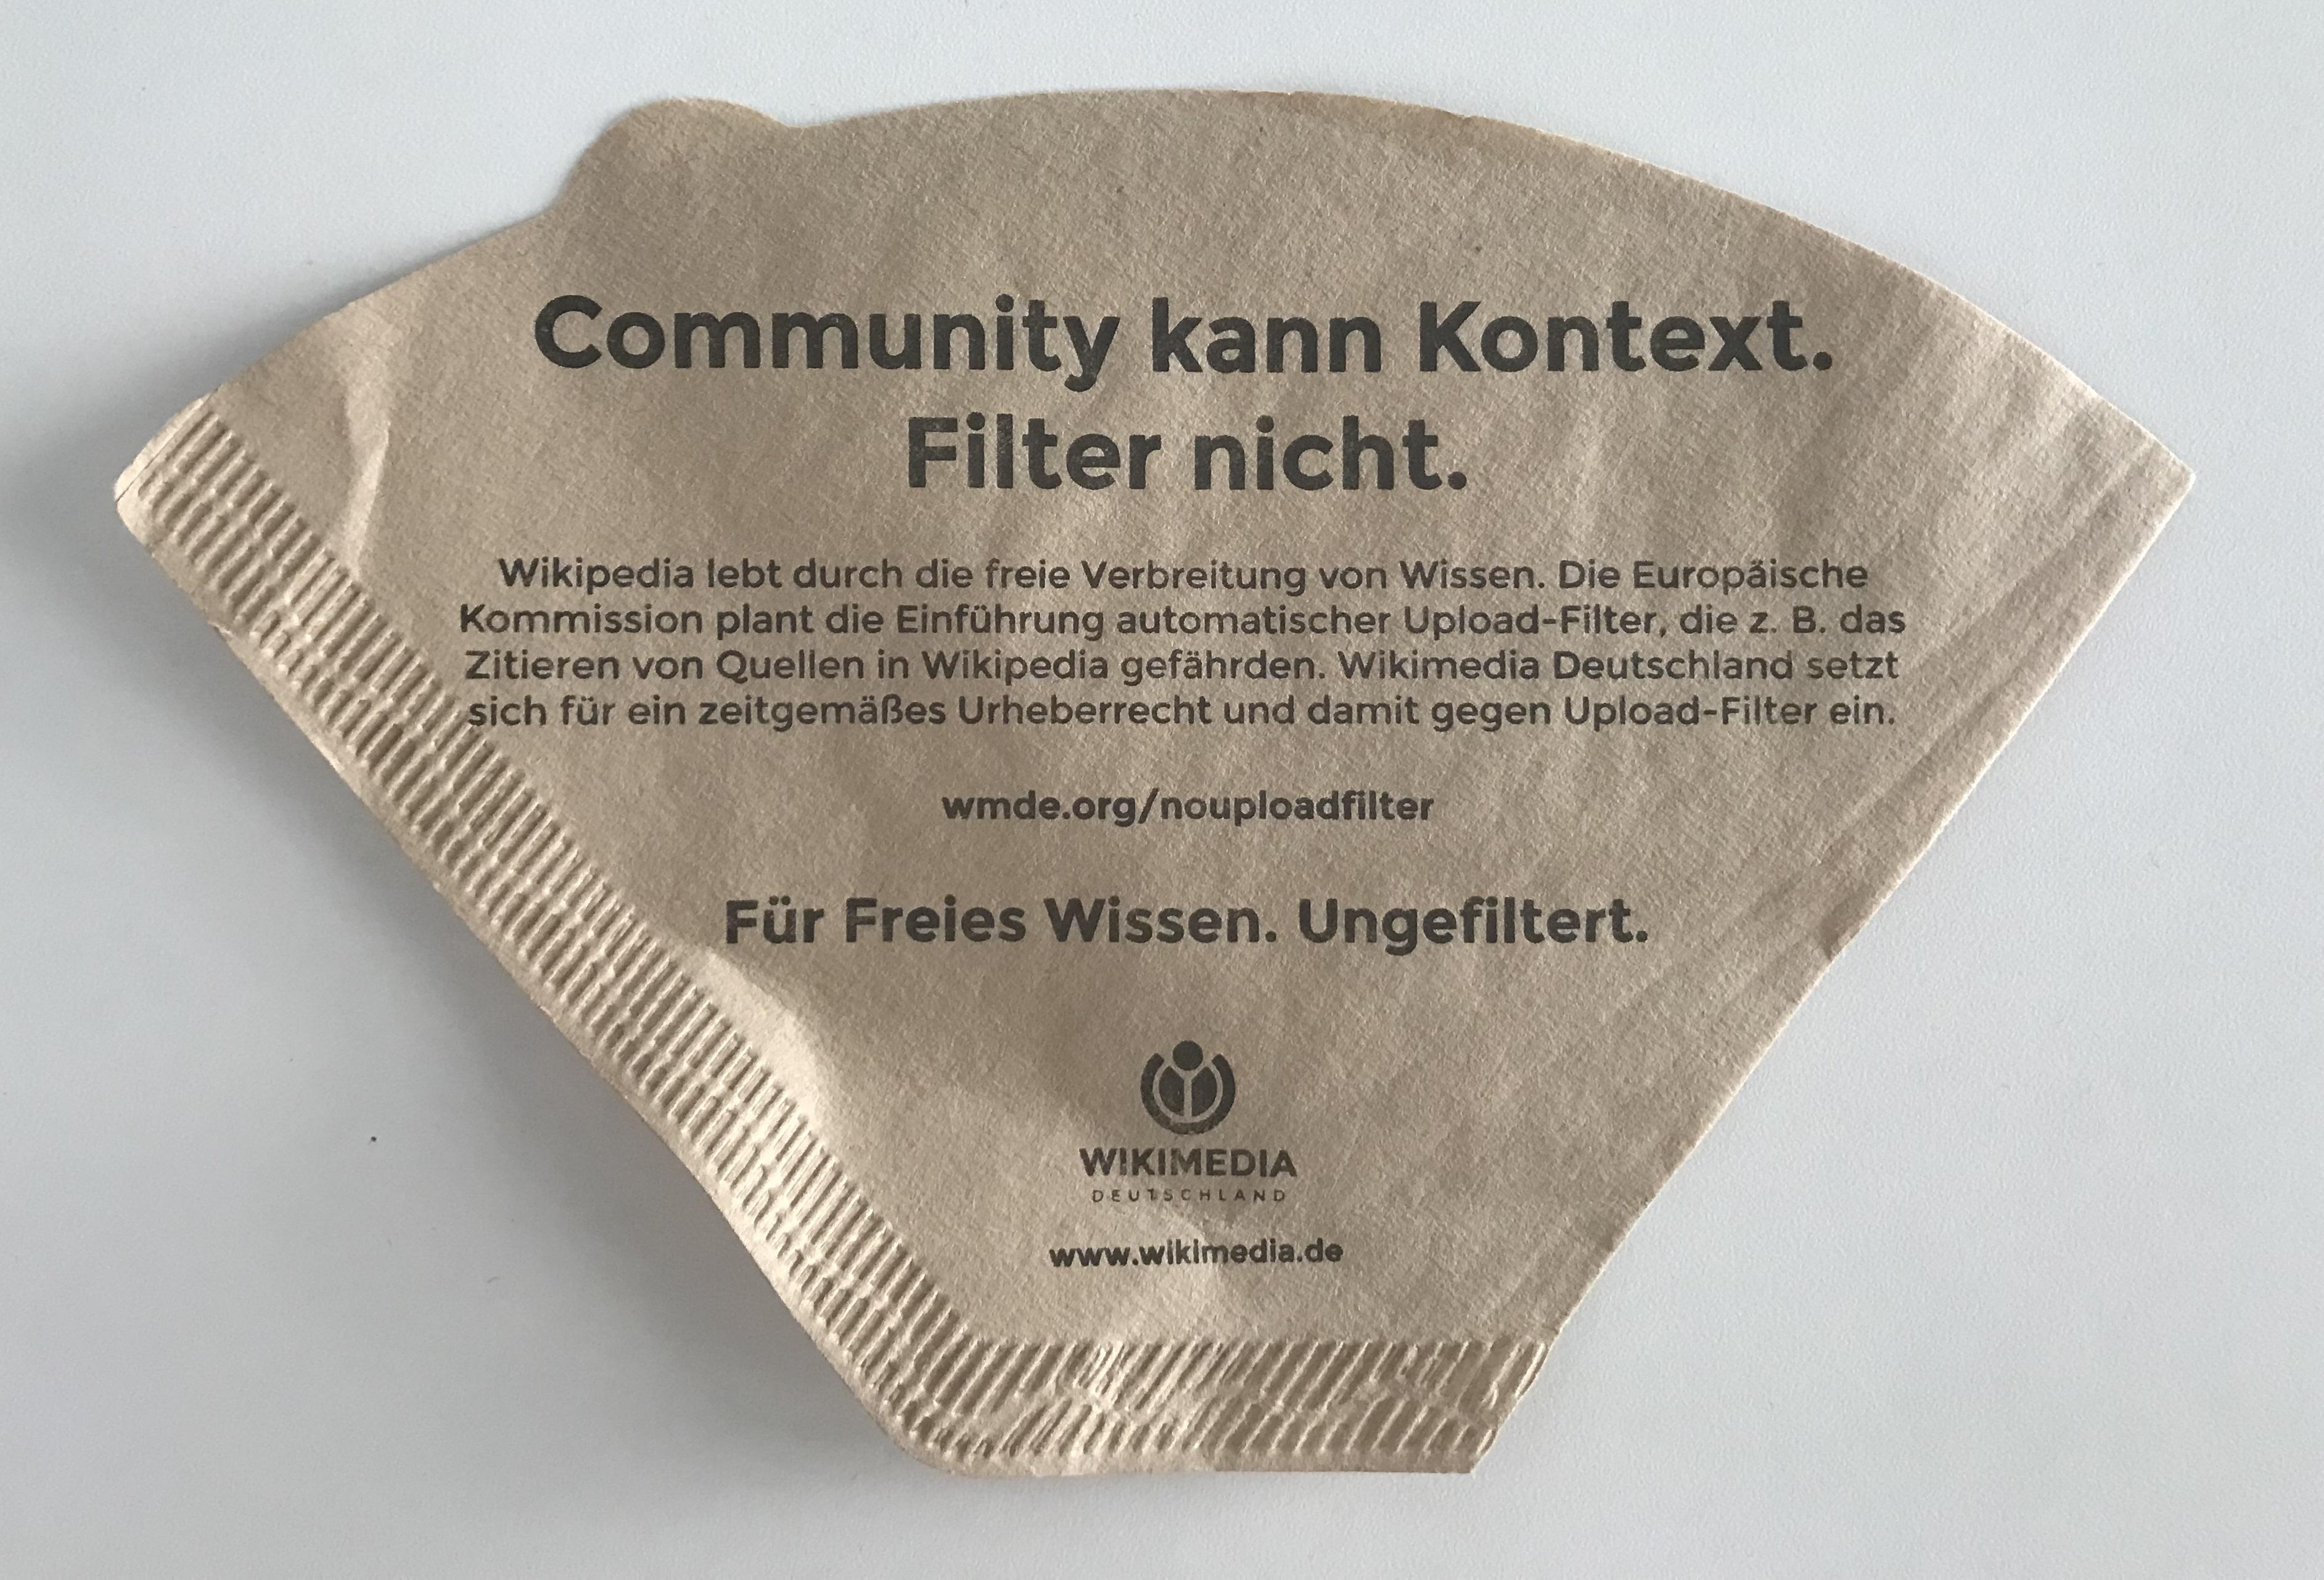 Der Upload-Filter. Informationsmaterial von Wikimedia Deutschland.